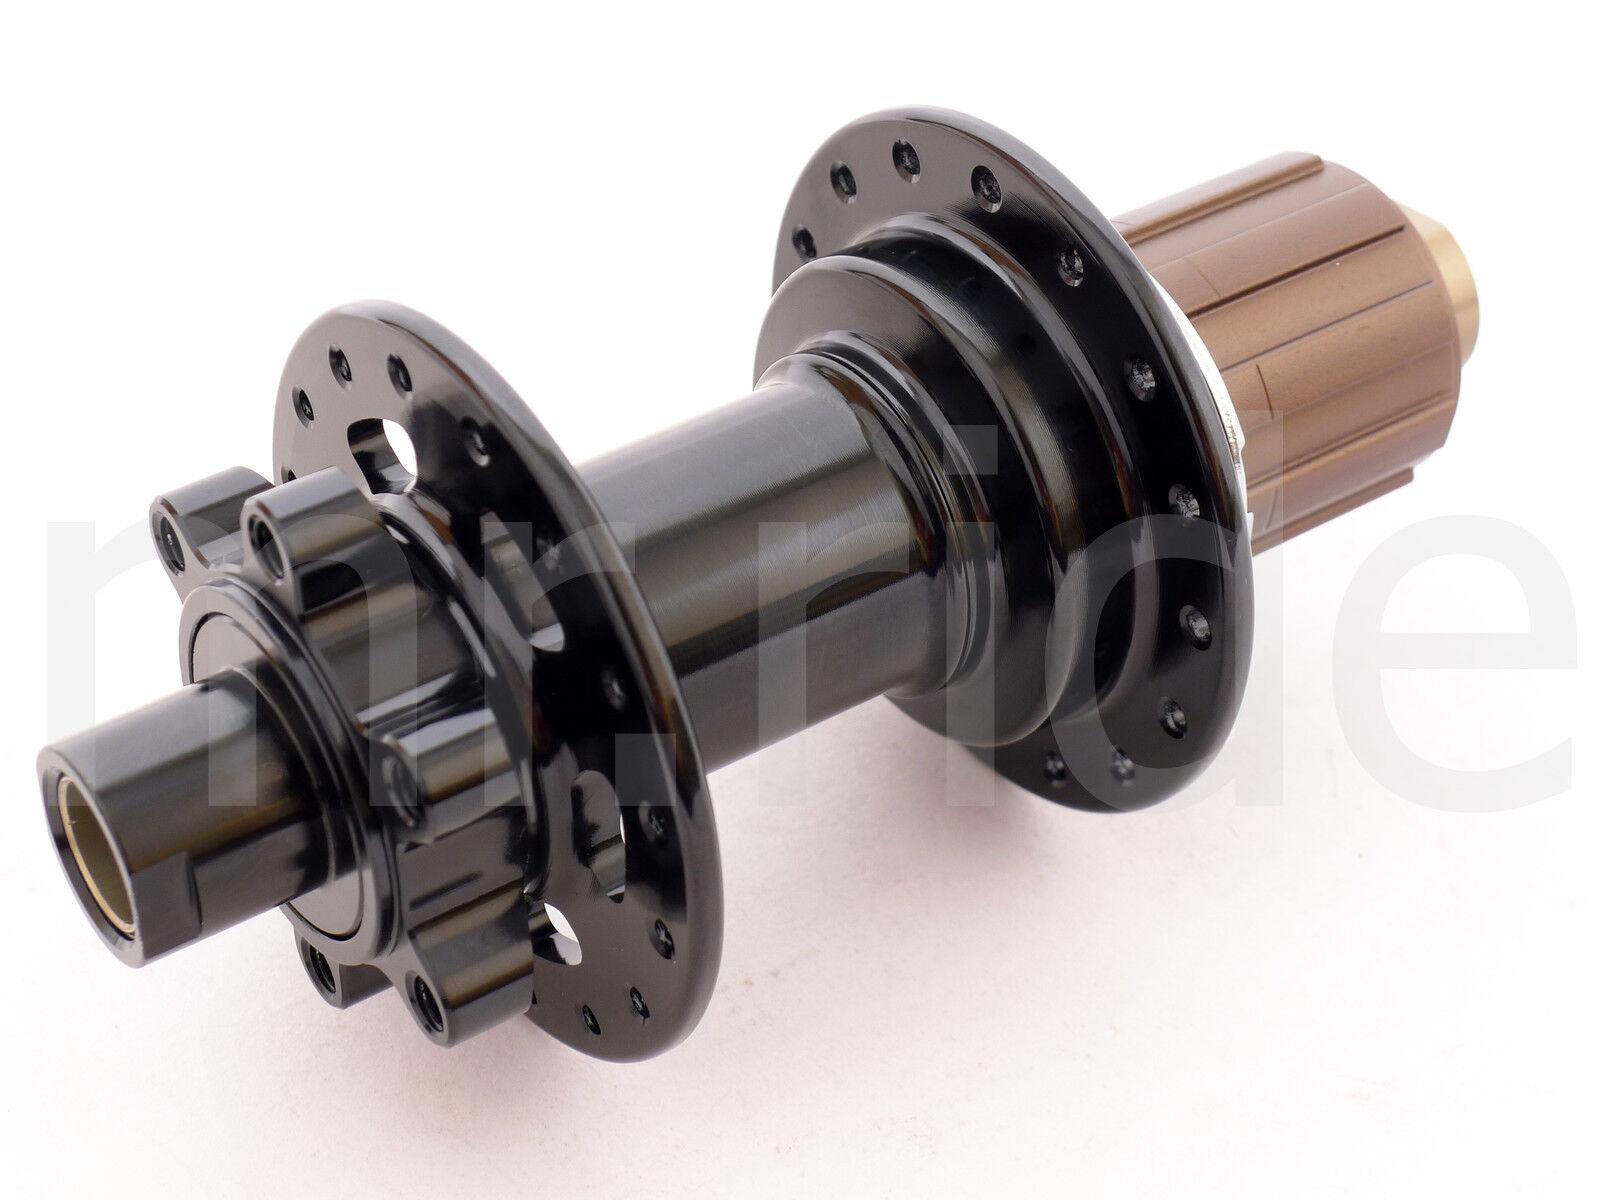 Mr-ride UltraLight Disc MTB Hub- Rear 12x142mm, 12mm Thru-Axle, 280g, 32 Holes